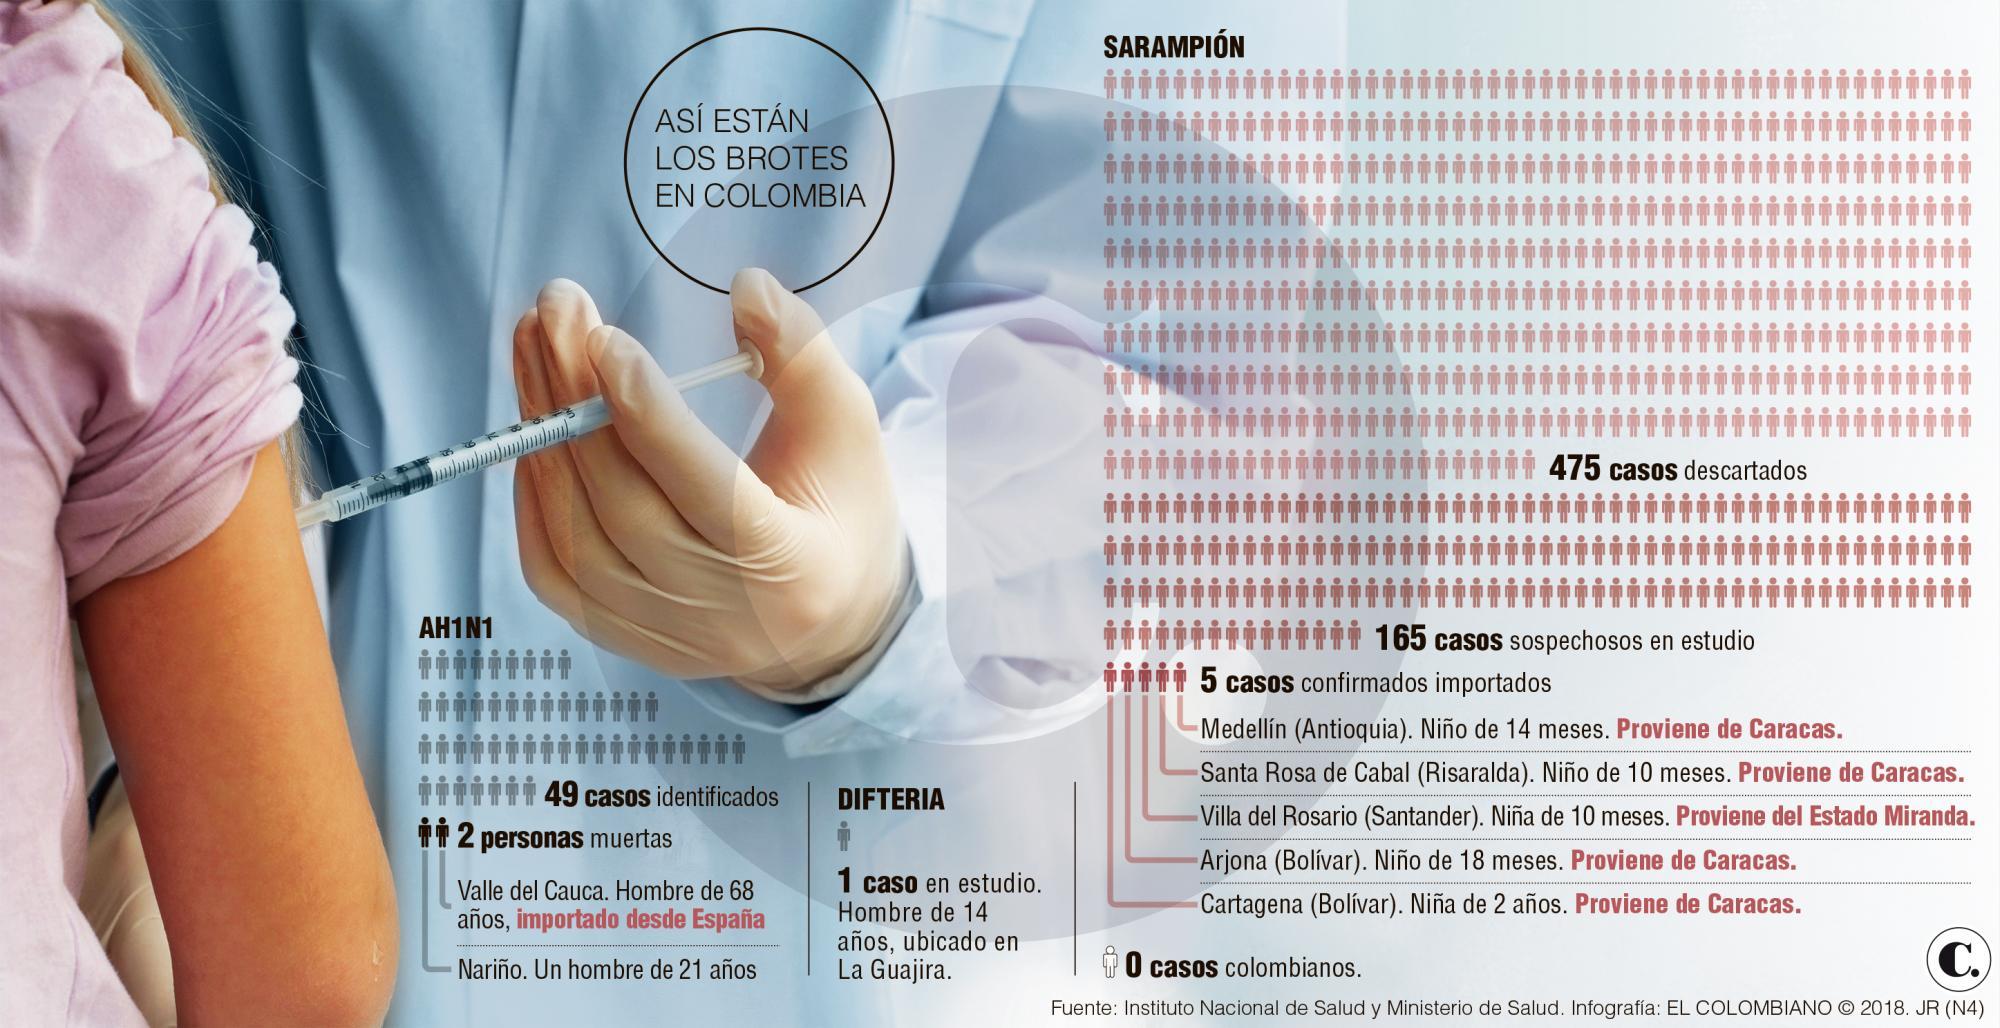 Descartan alerta por AH1N1, pero el control al sarampión permanece